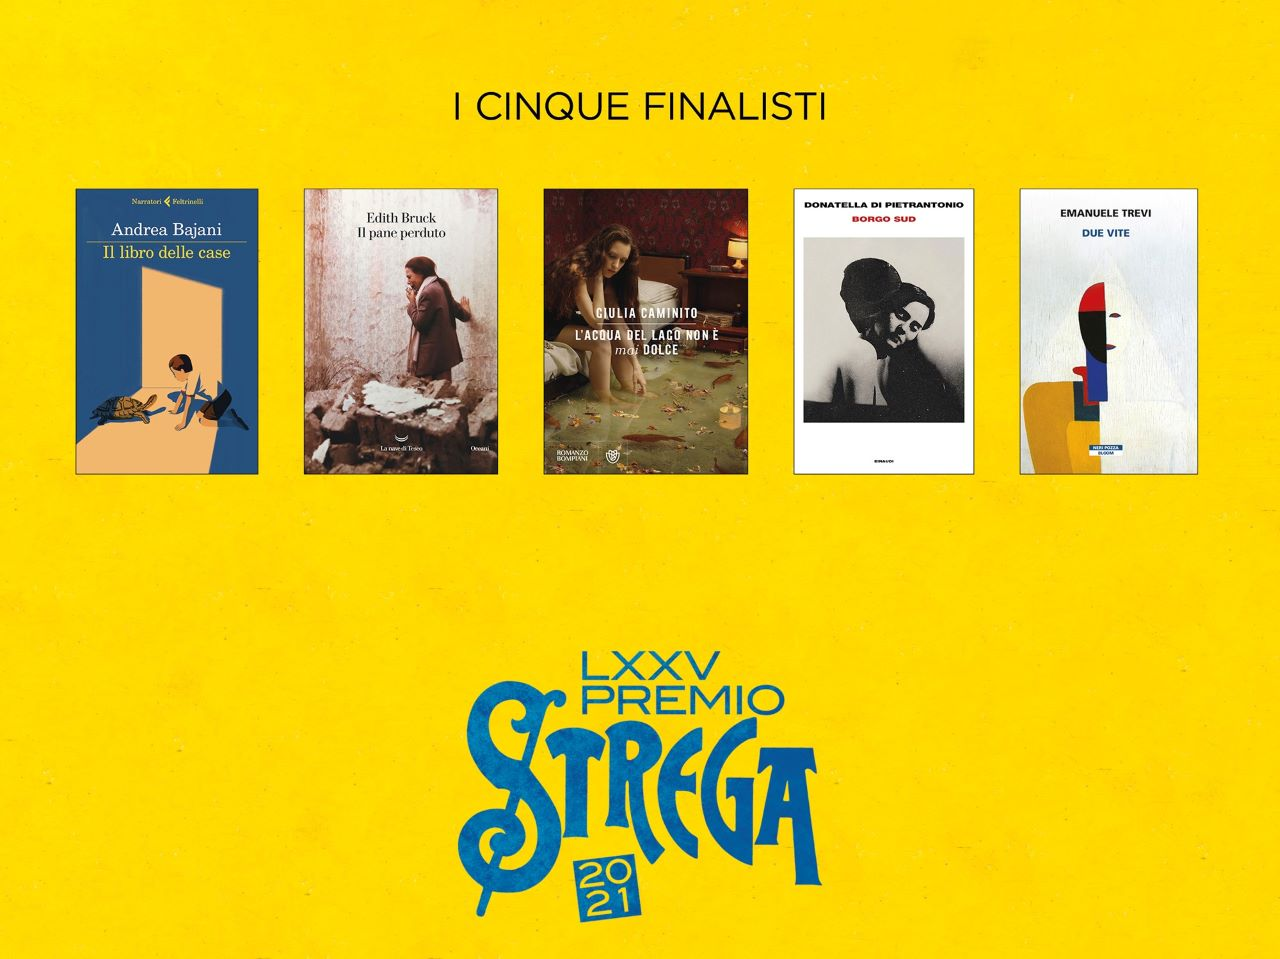 Premio Strega 2021 i 5 finalisti: chi sono che libri presentano